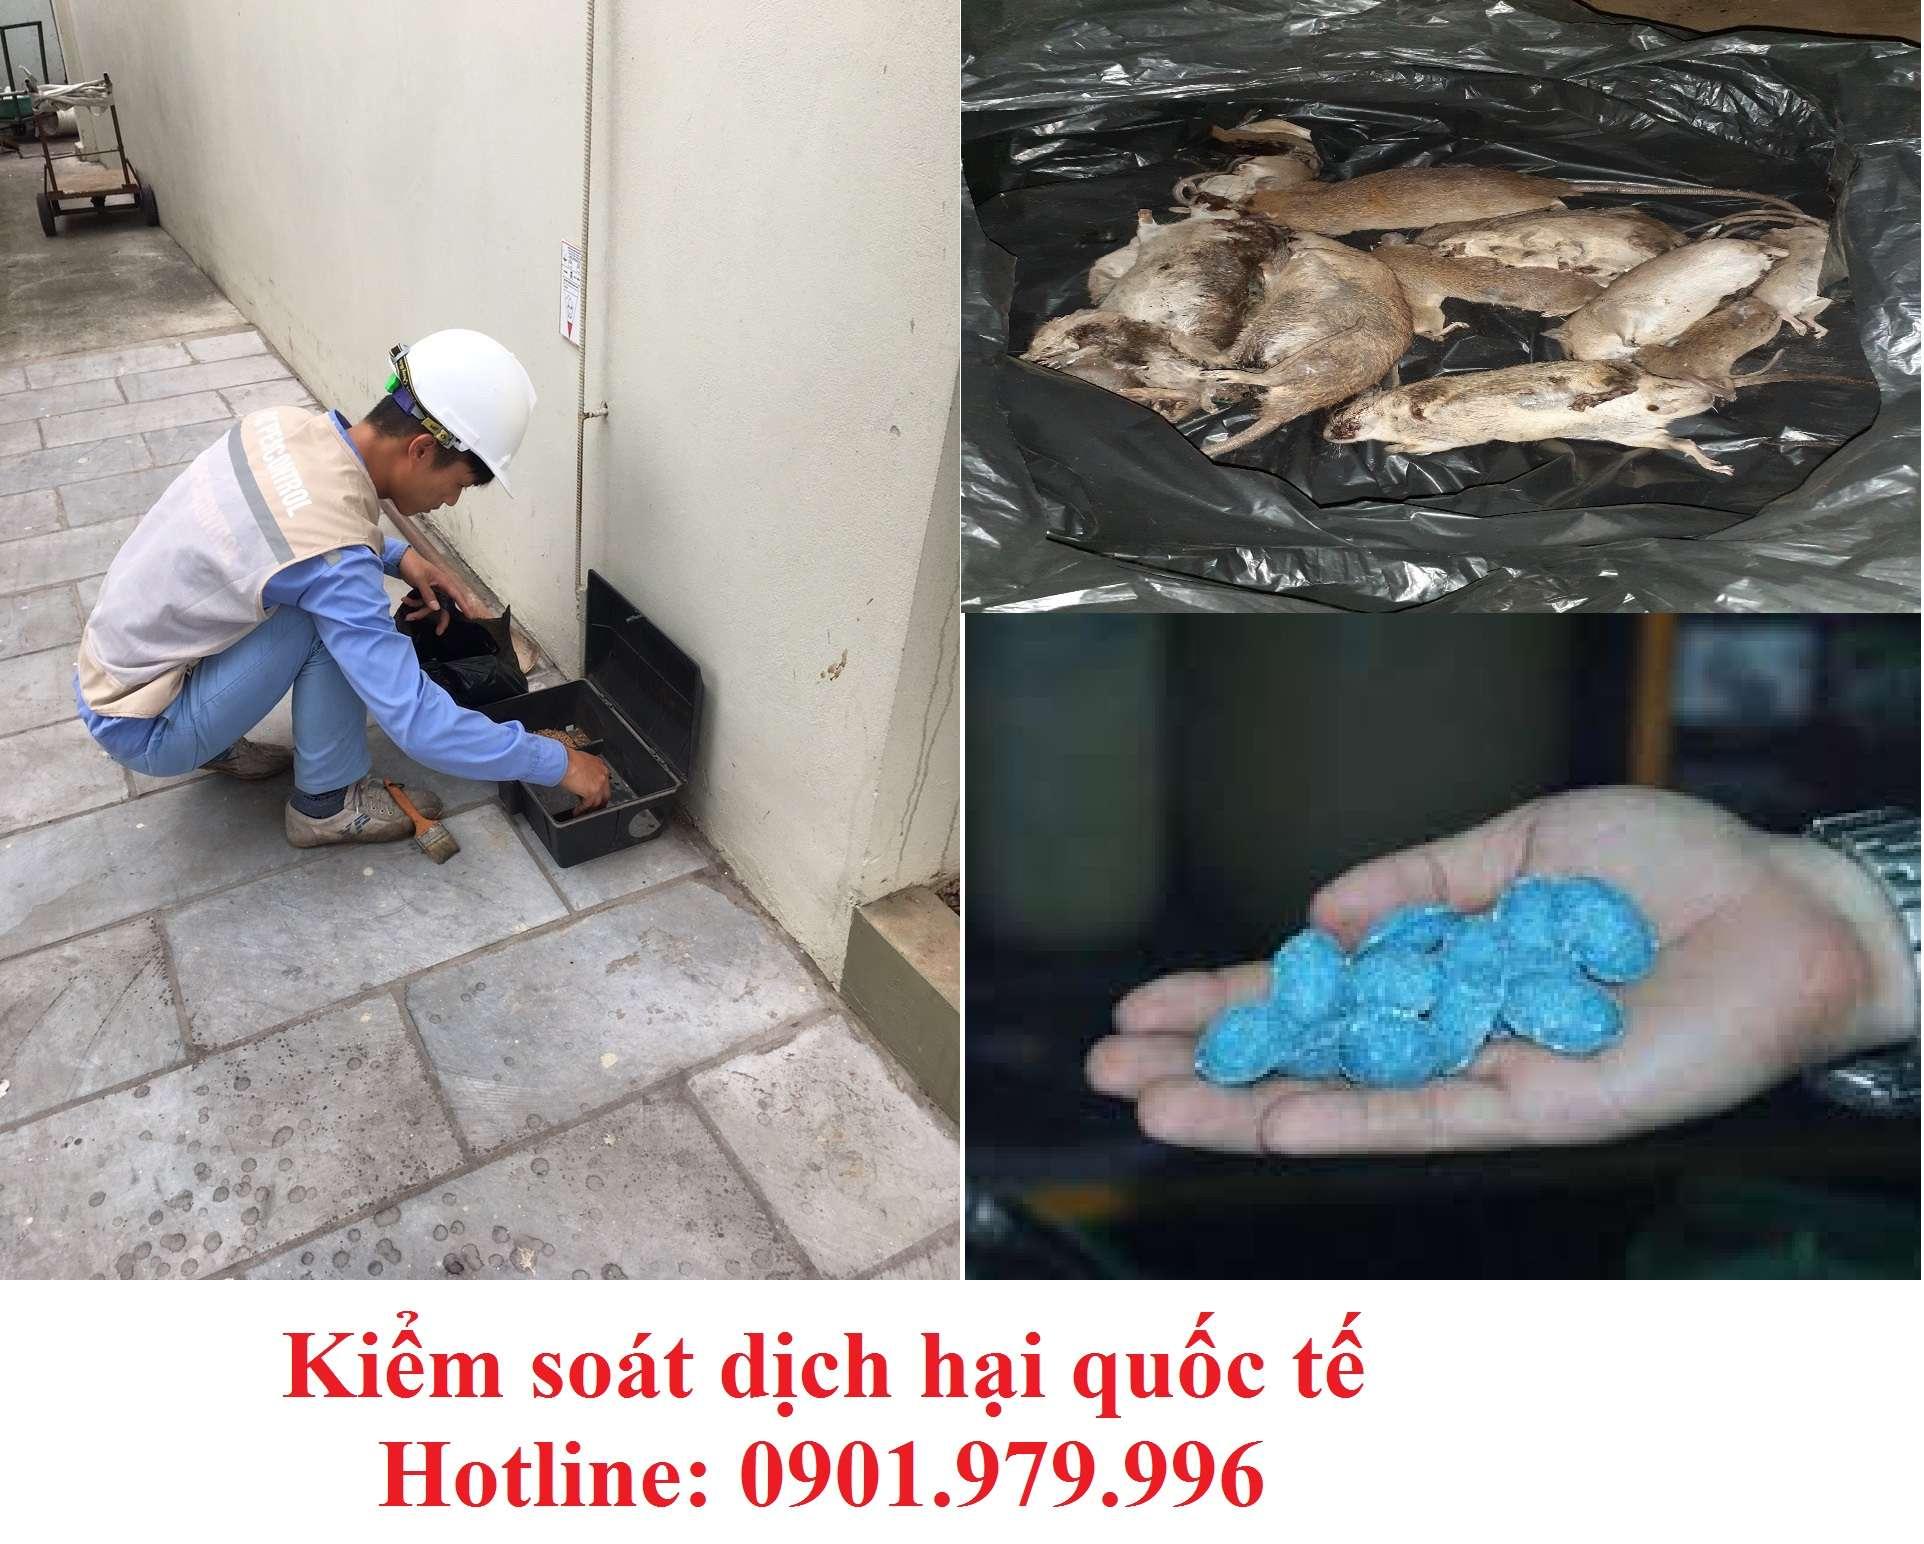 Dịch vụ diệt chuột hiệu quả- Công ty diệt chuột chuyên nghiệp